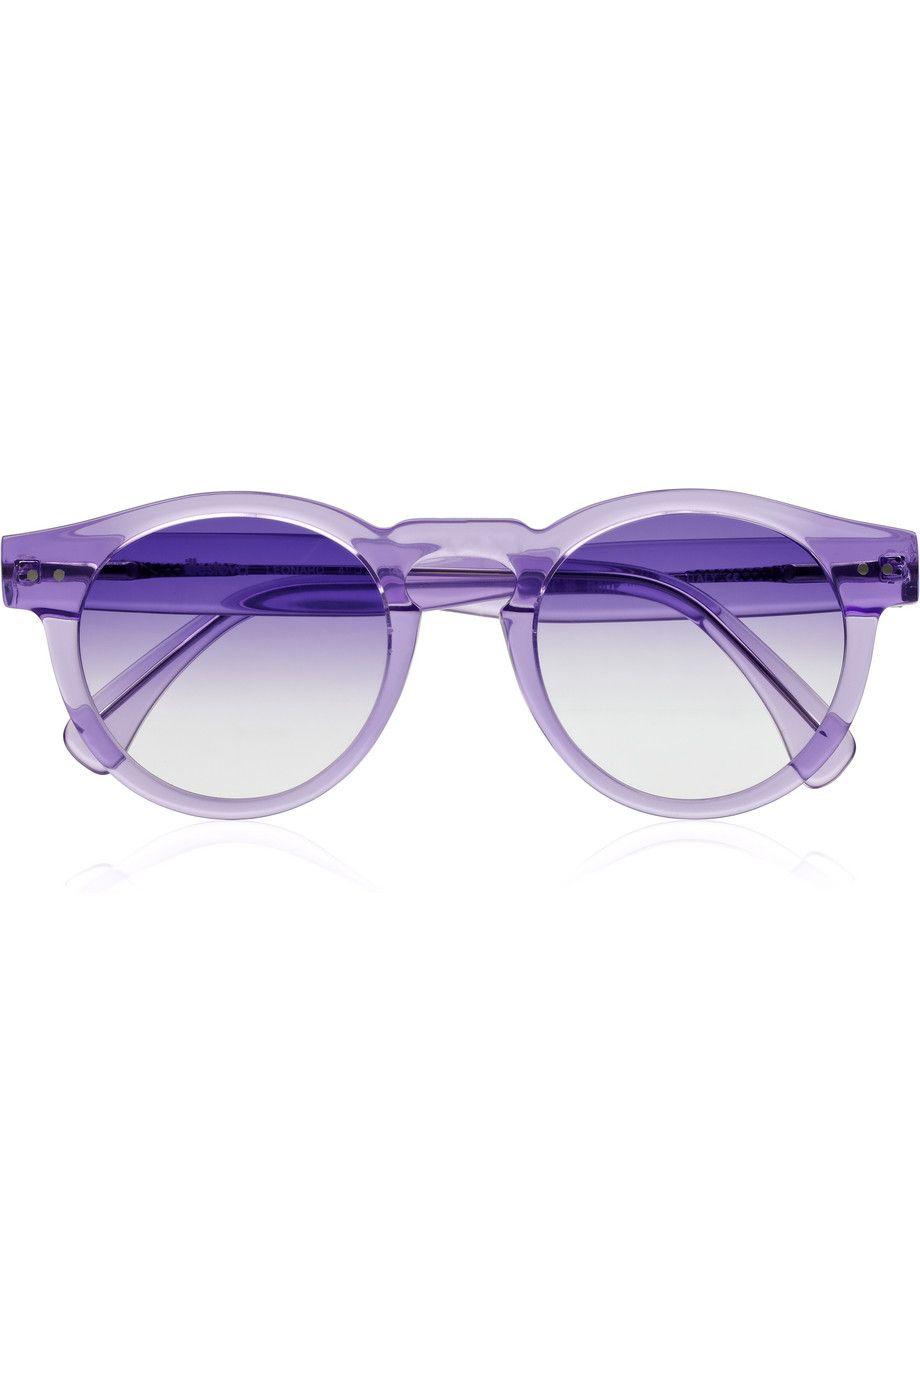 Pin von Planka auf Purple Summer | Pinterest | Lila, Brille und Leben